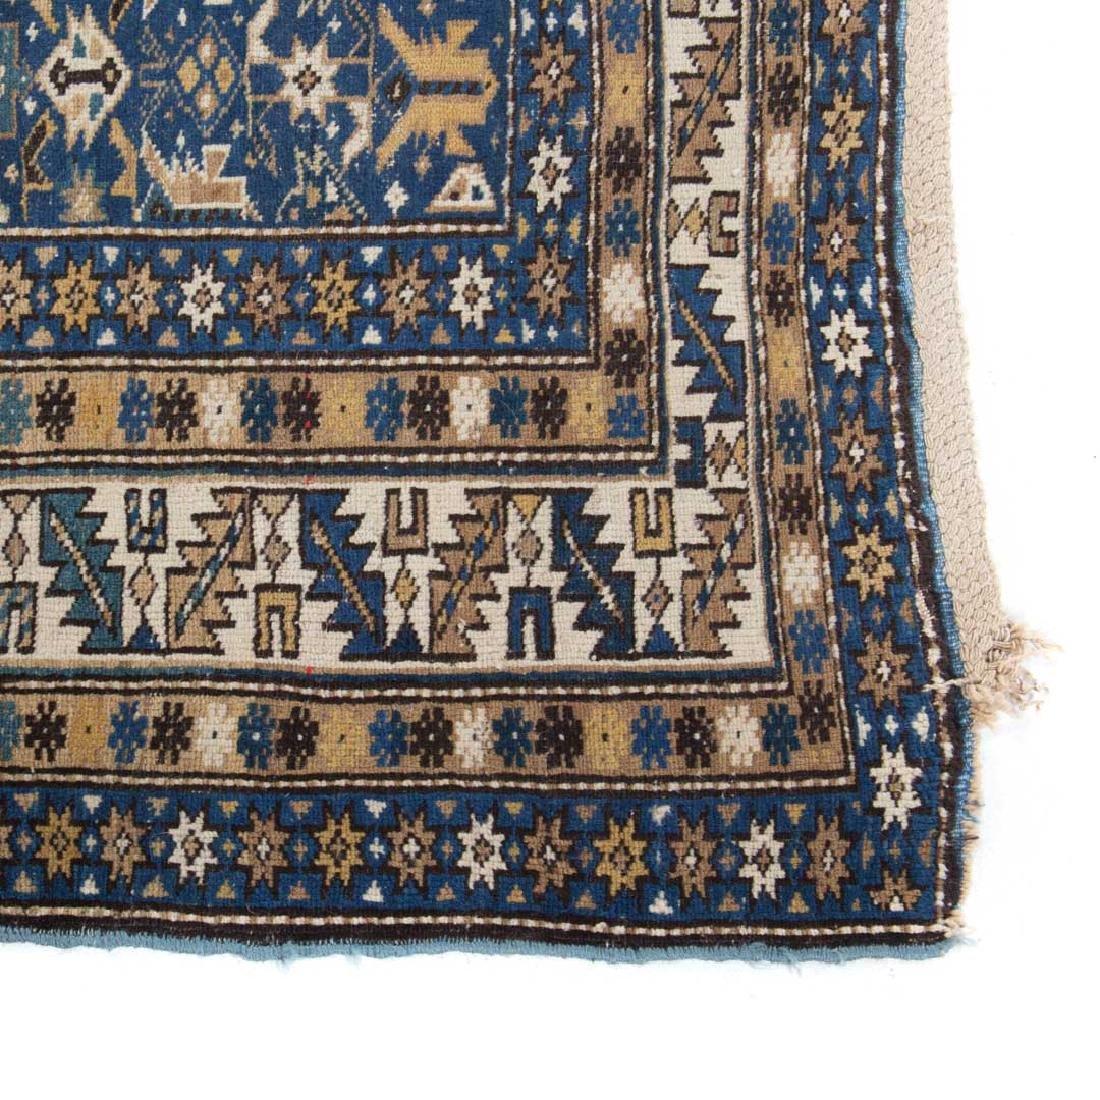 Antique Caucasian rug, approx. 3.7 x 6.4 - 2